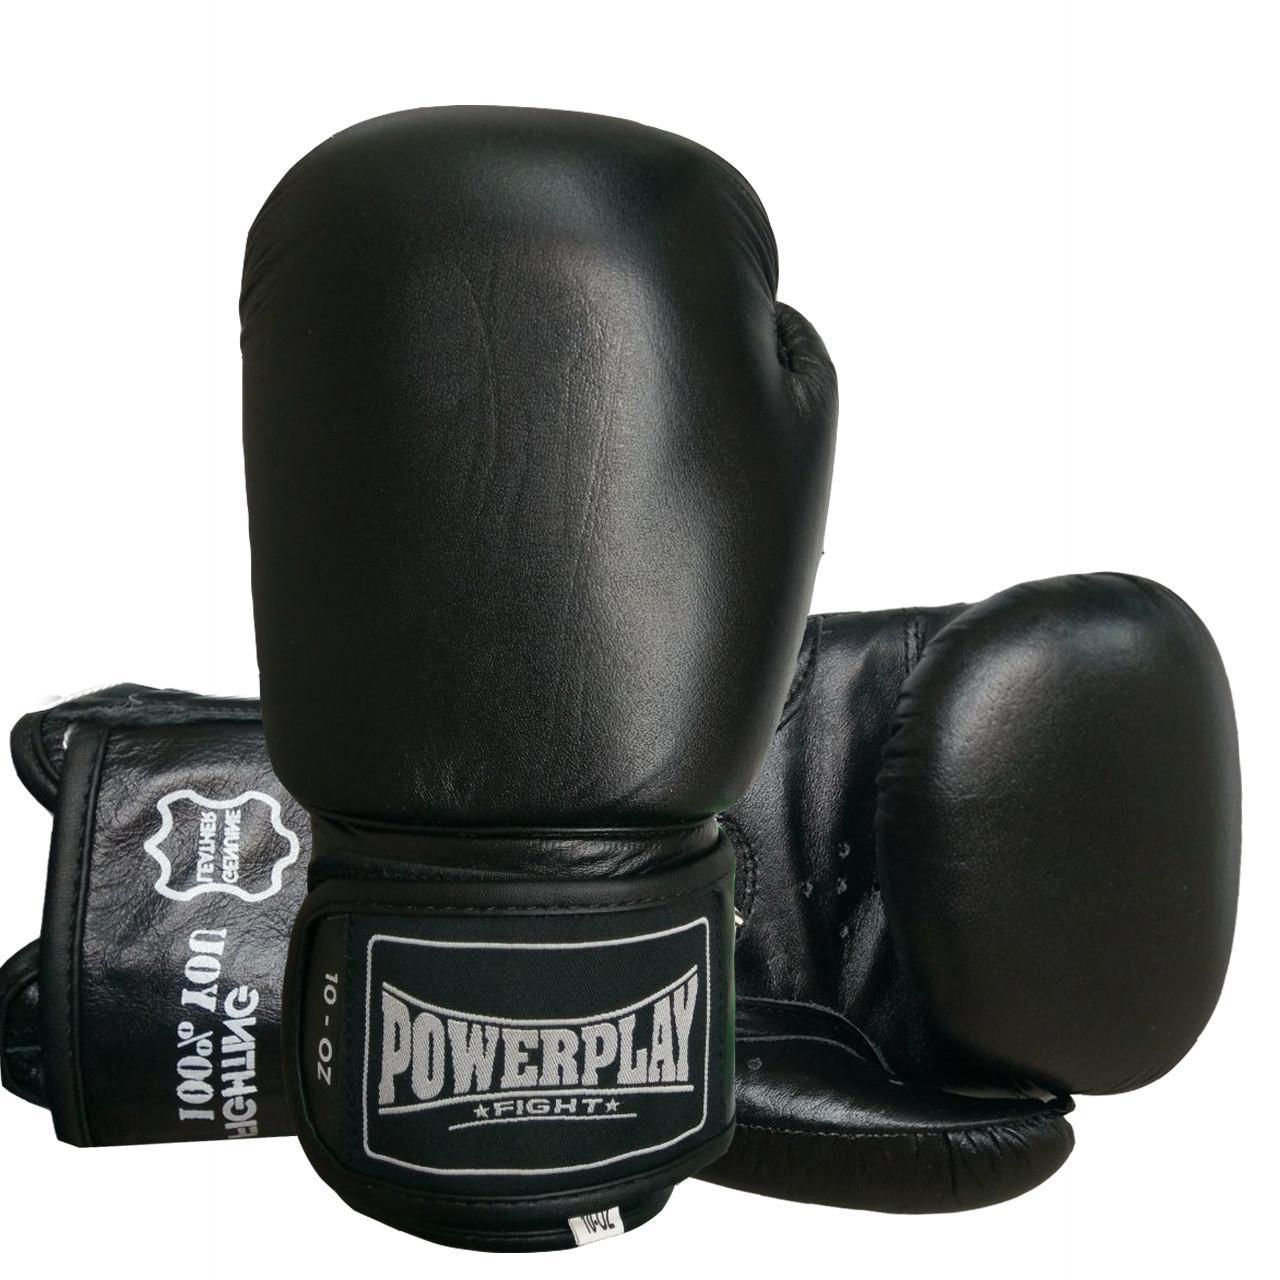 Боксерские перчатки подростковые PowerPlay 3088 черные из натуральной кожи 10 унций